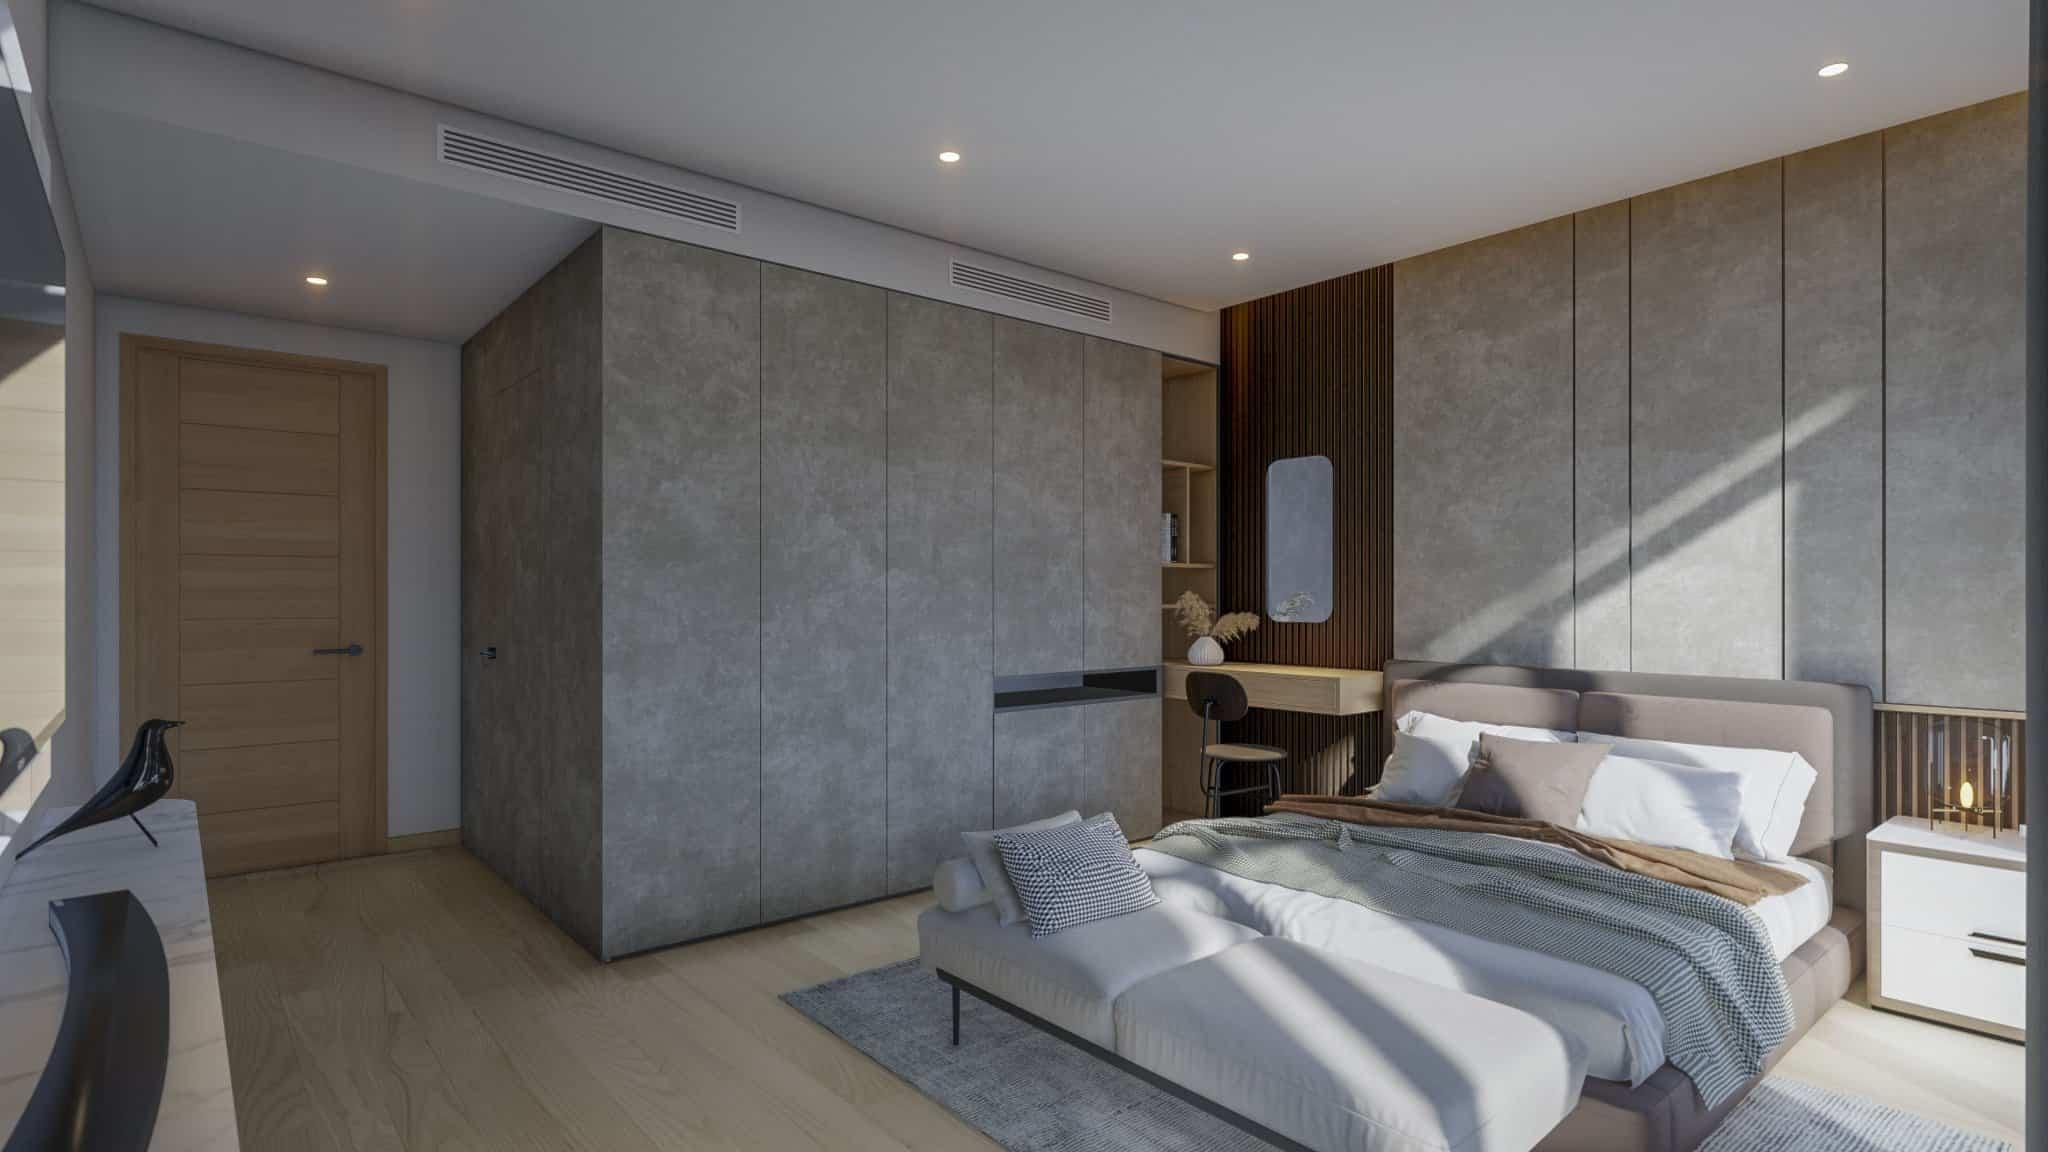 Thiết kế phòng ngủ đơn giản hiện đại